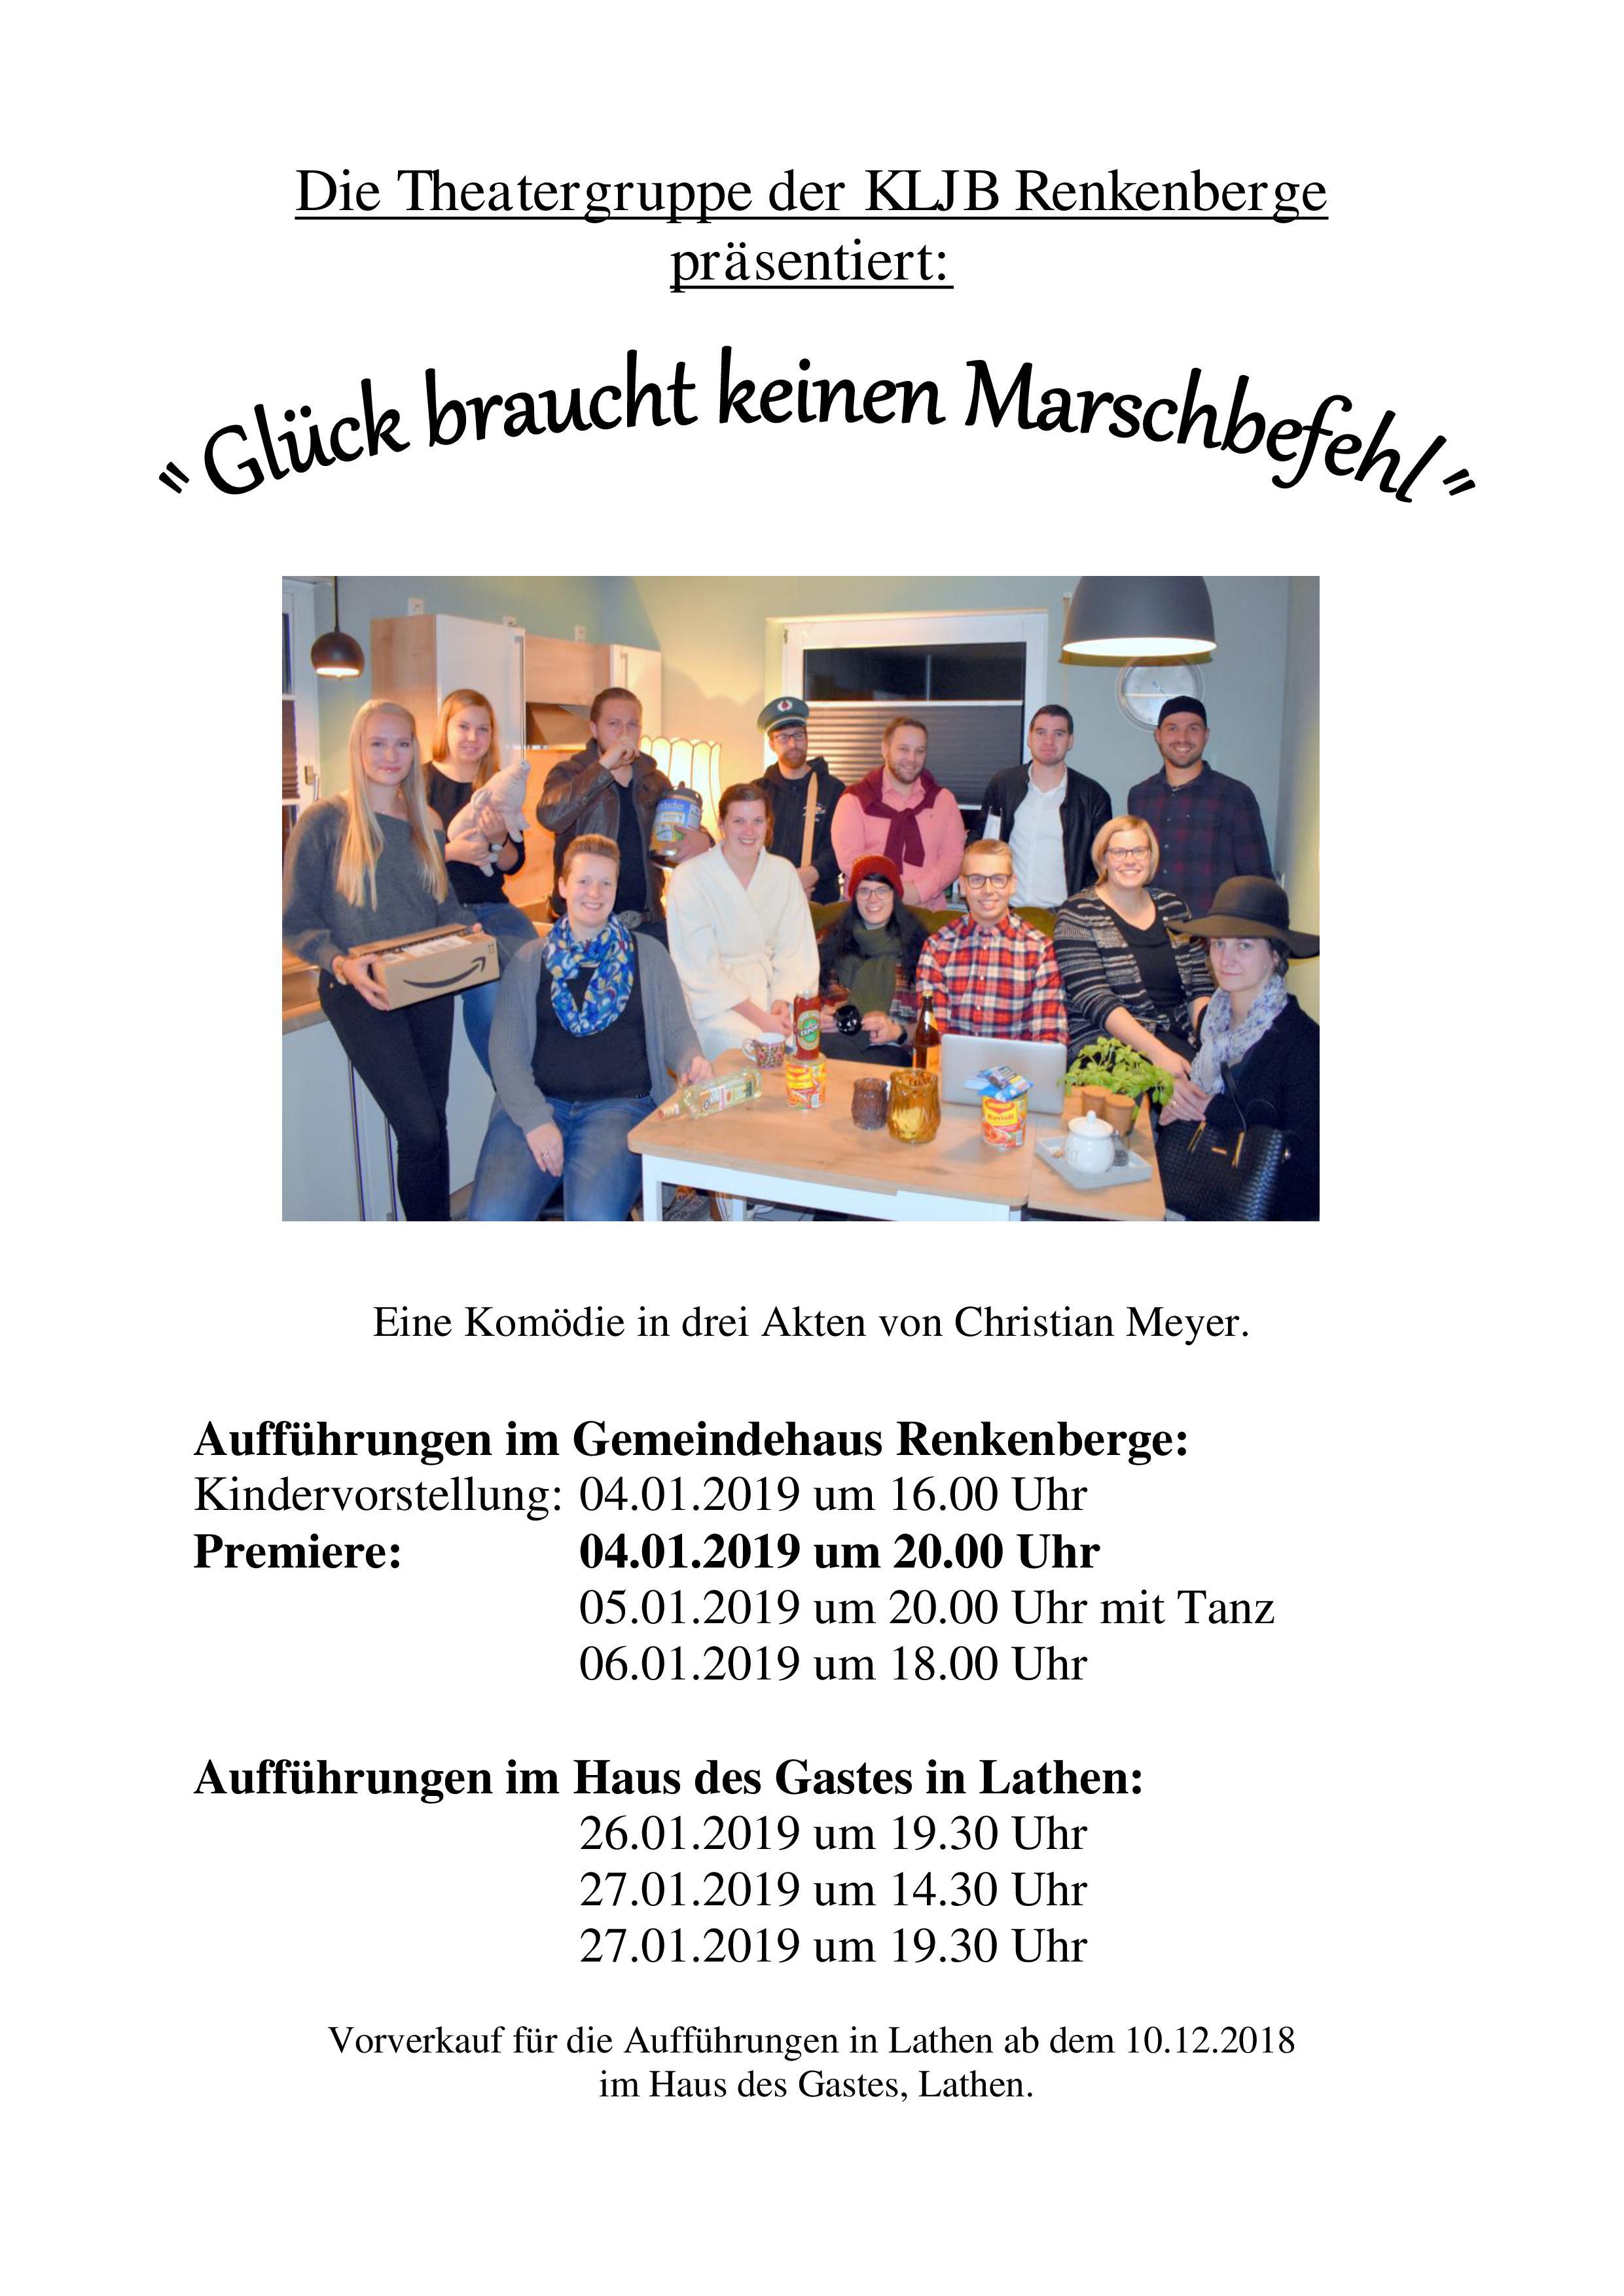 """""""Glück braucht keinen Marschbefehl"""" – Theatergruppe Renkenberge"""